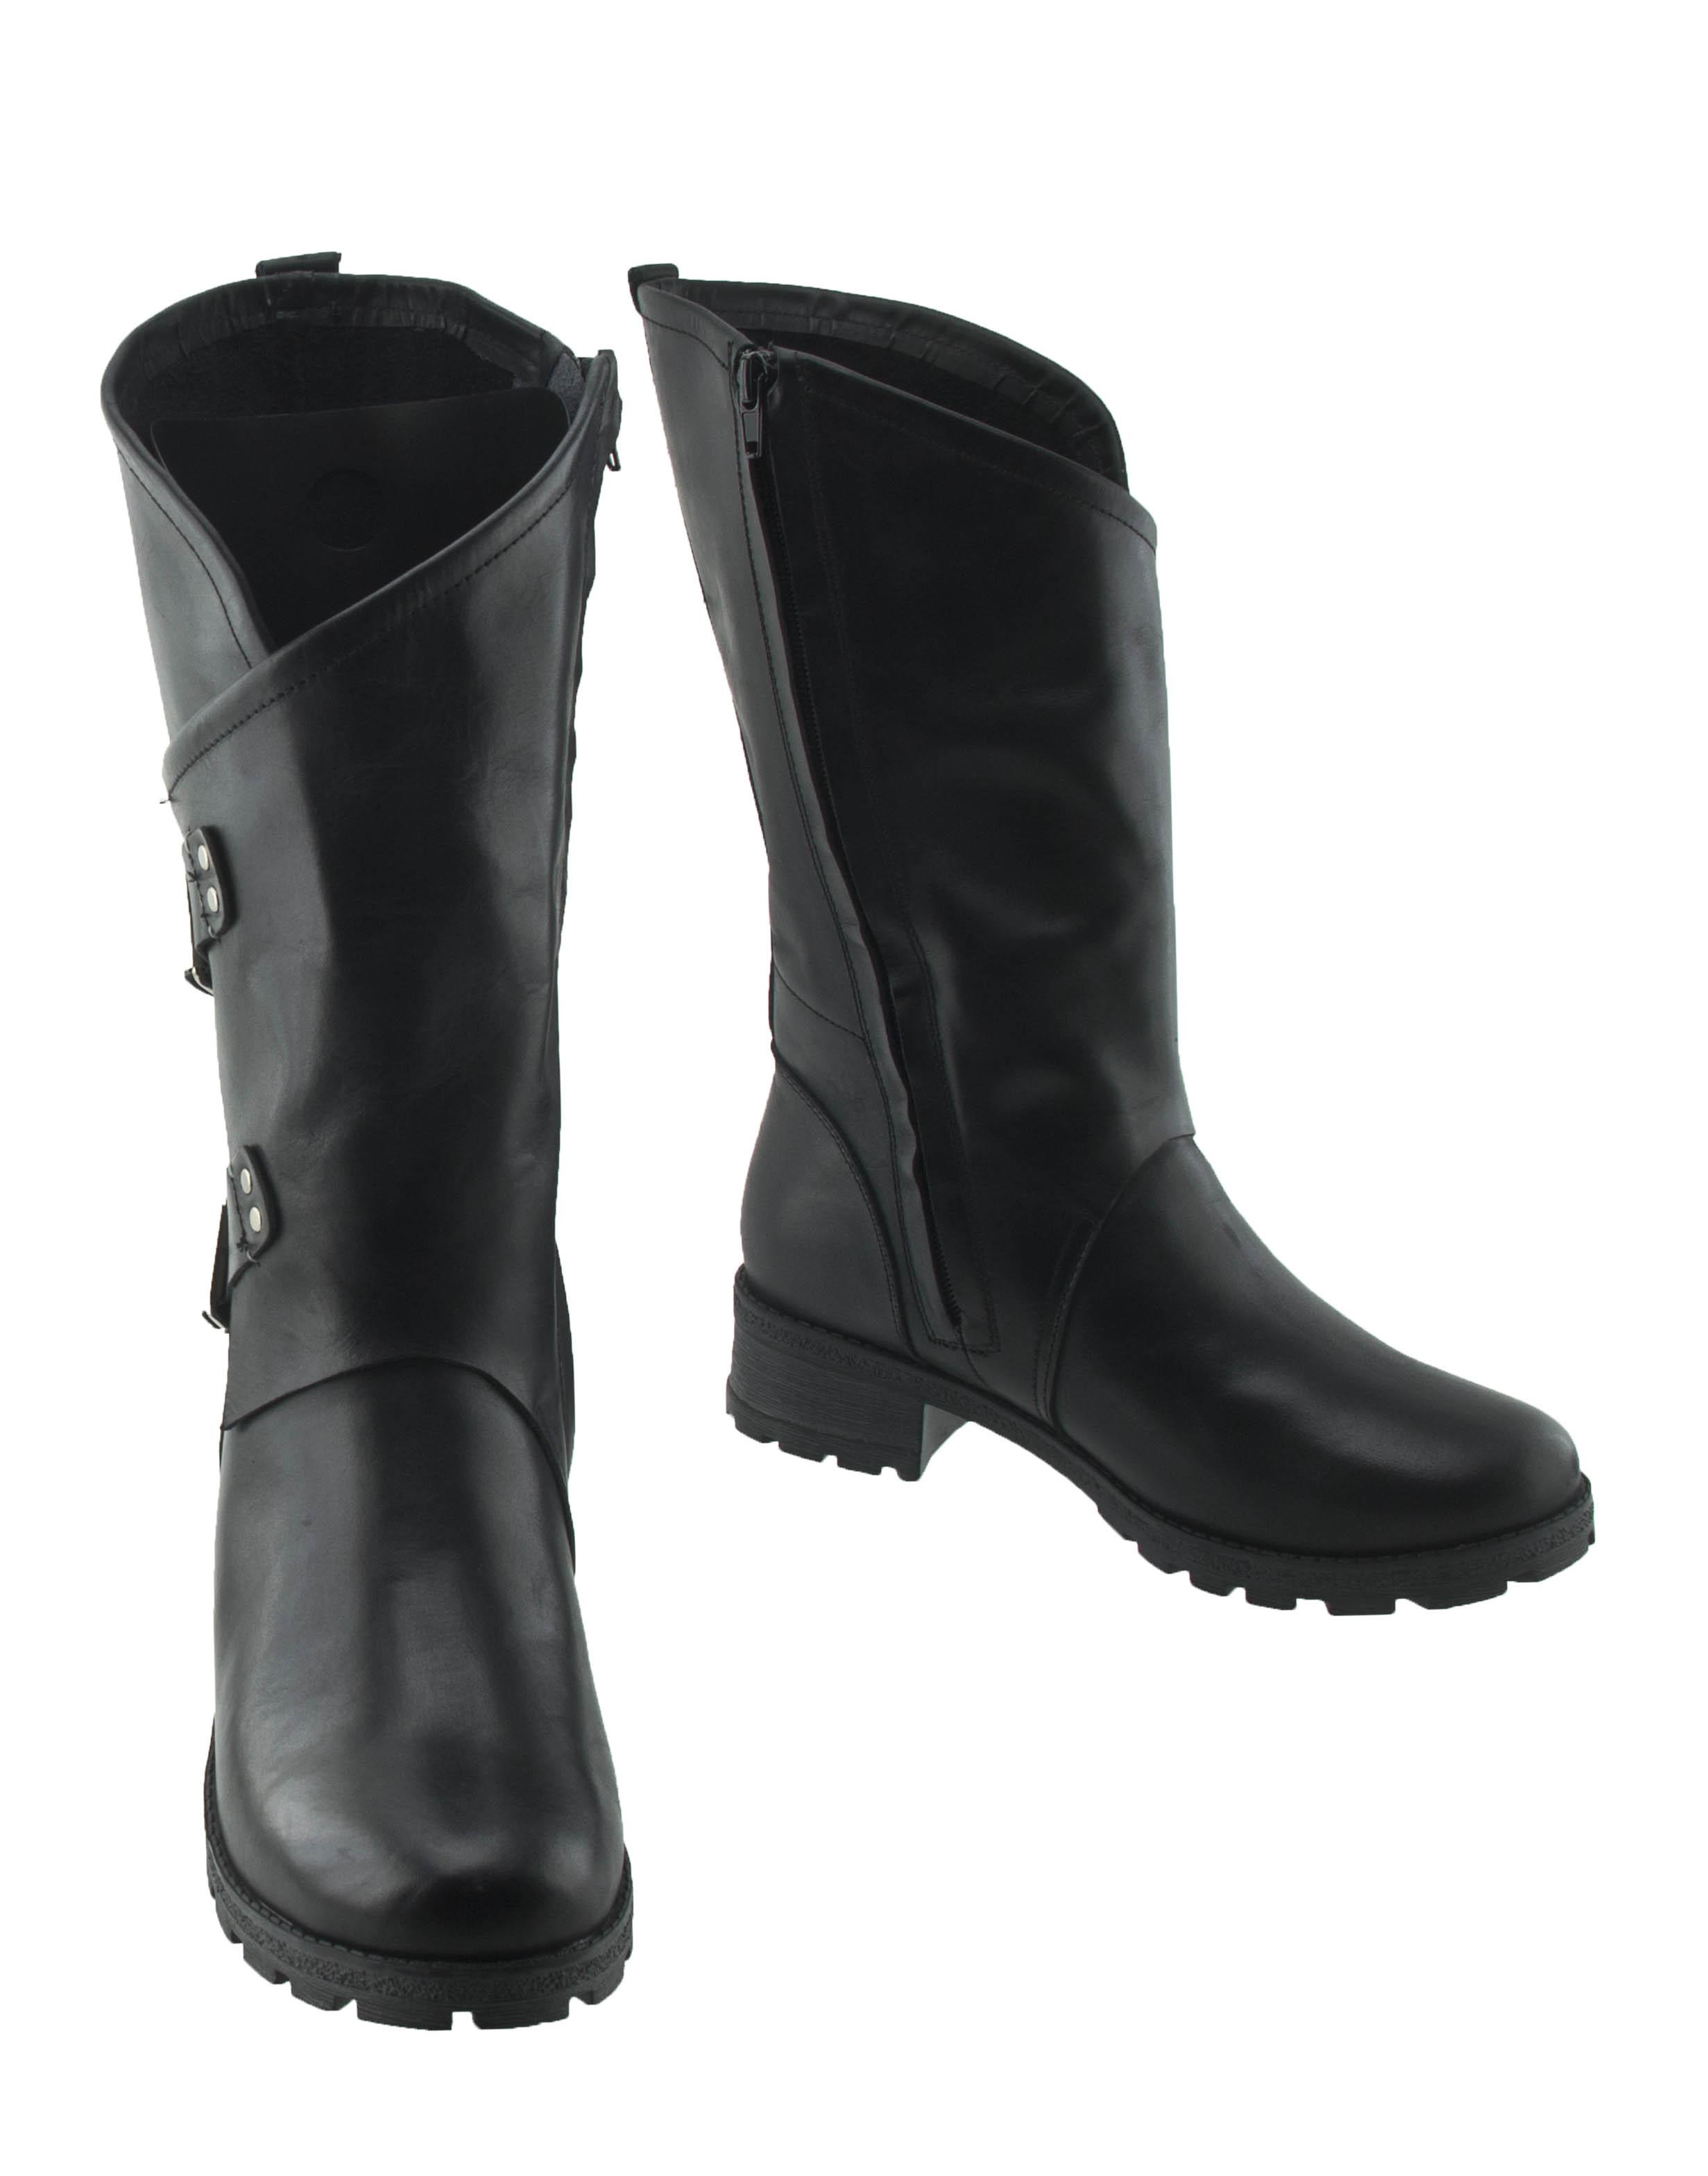 Сапоги женские Brado 95854 черные 38 RU